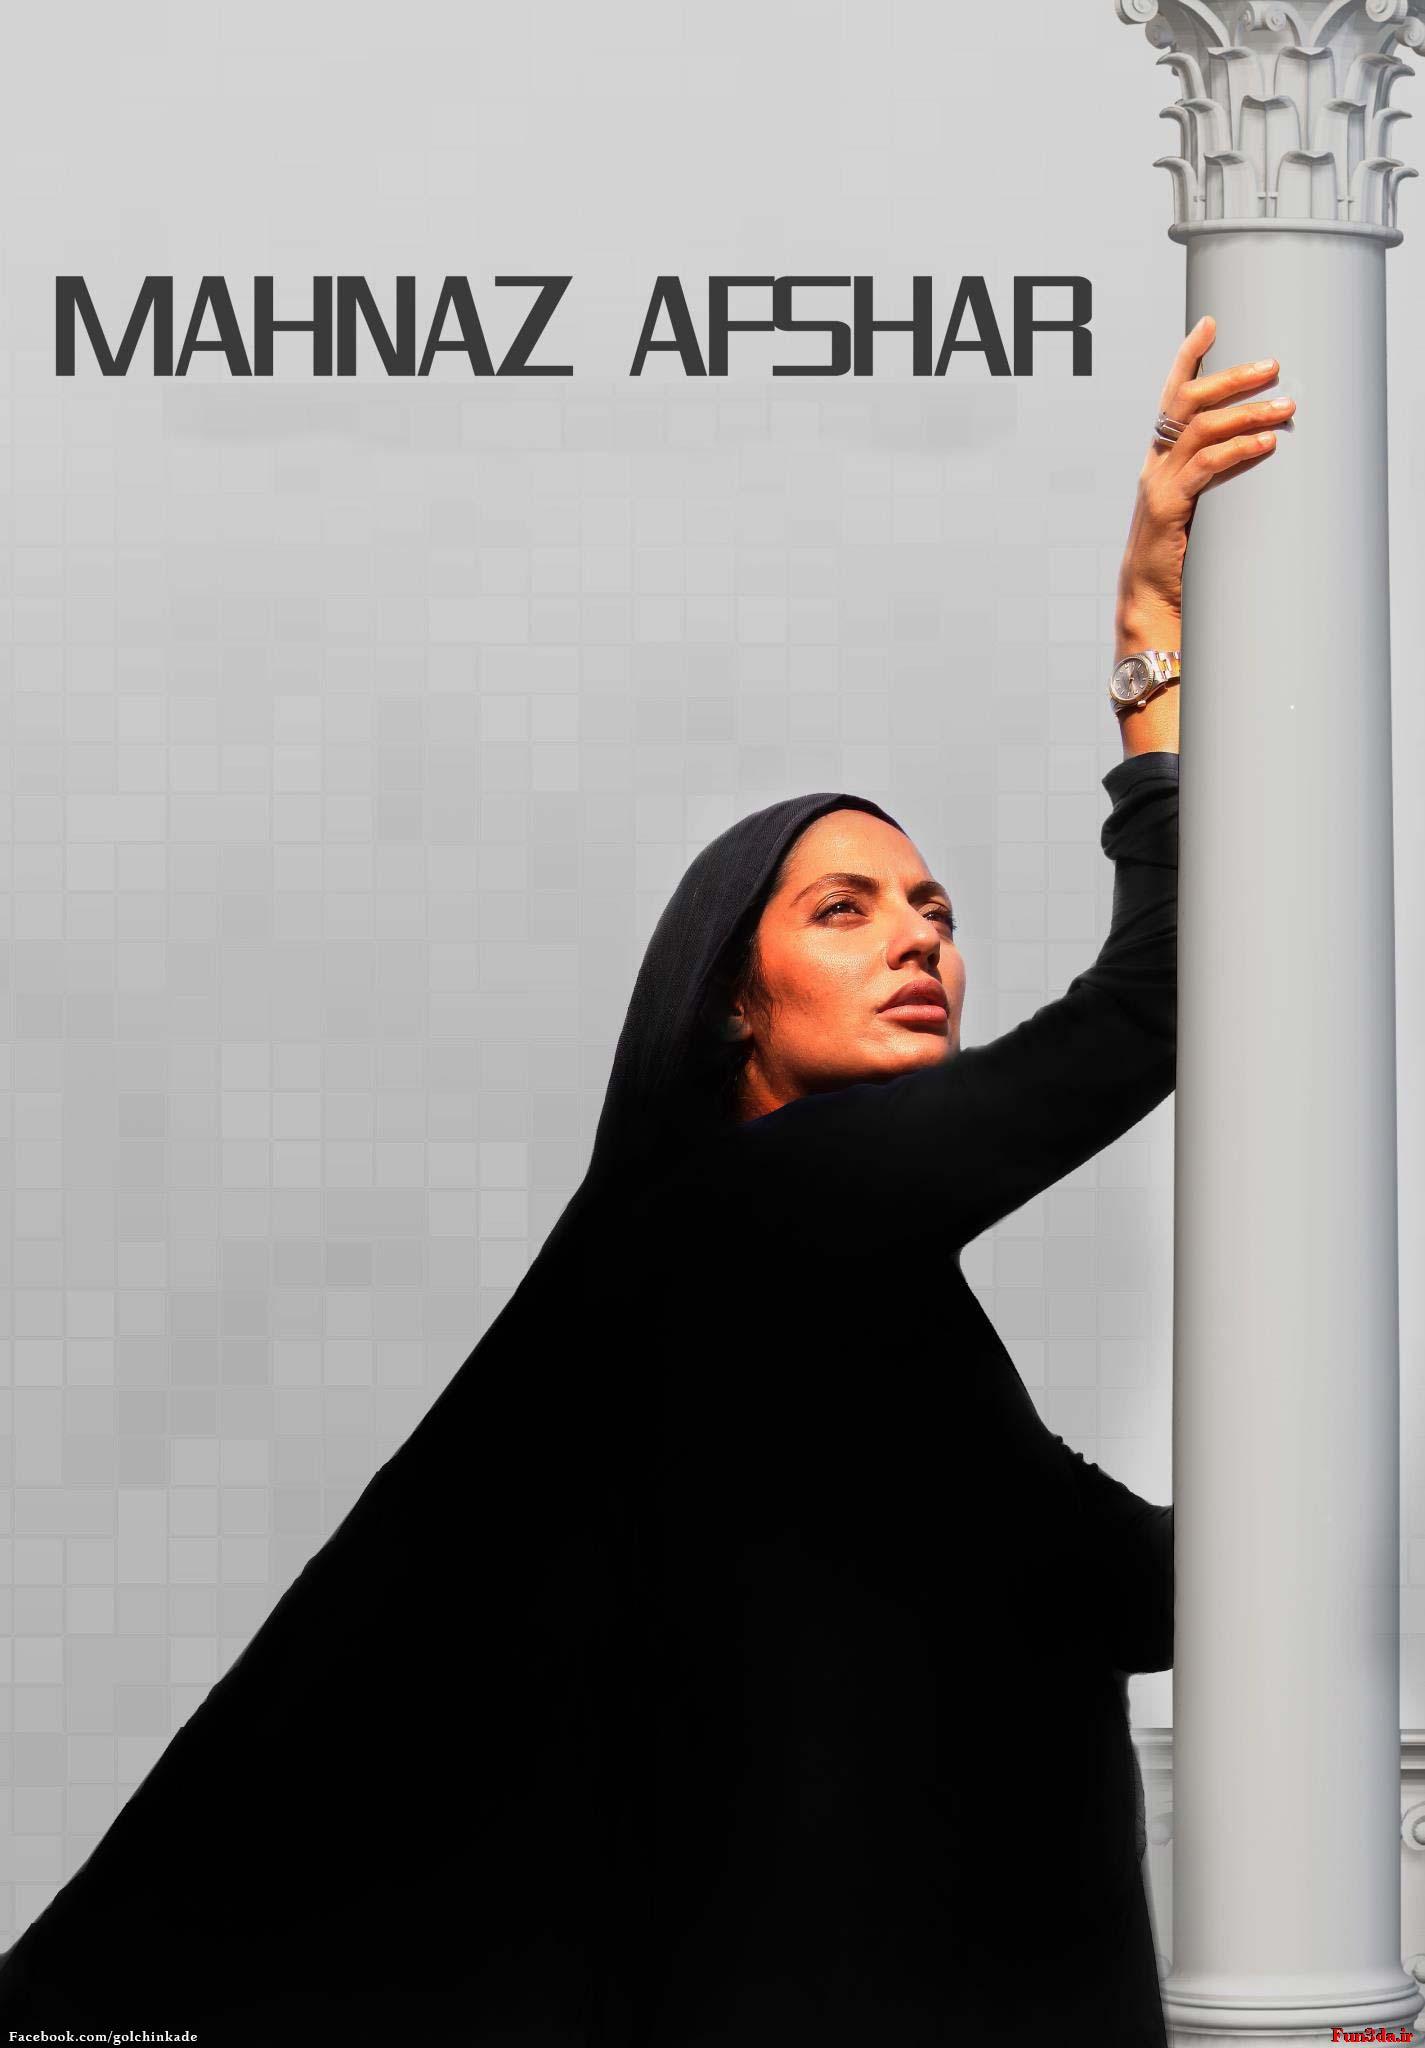 عکس هنری مهناز افشار